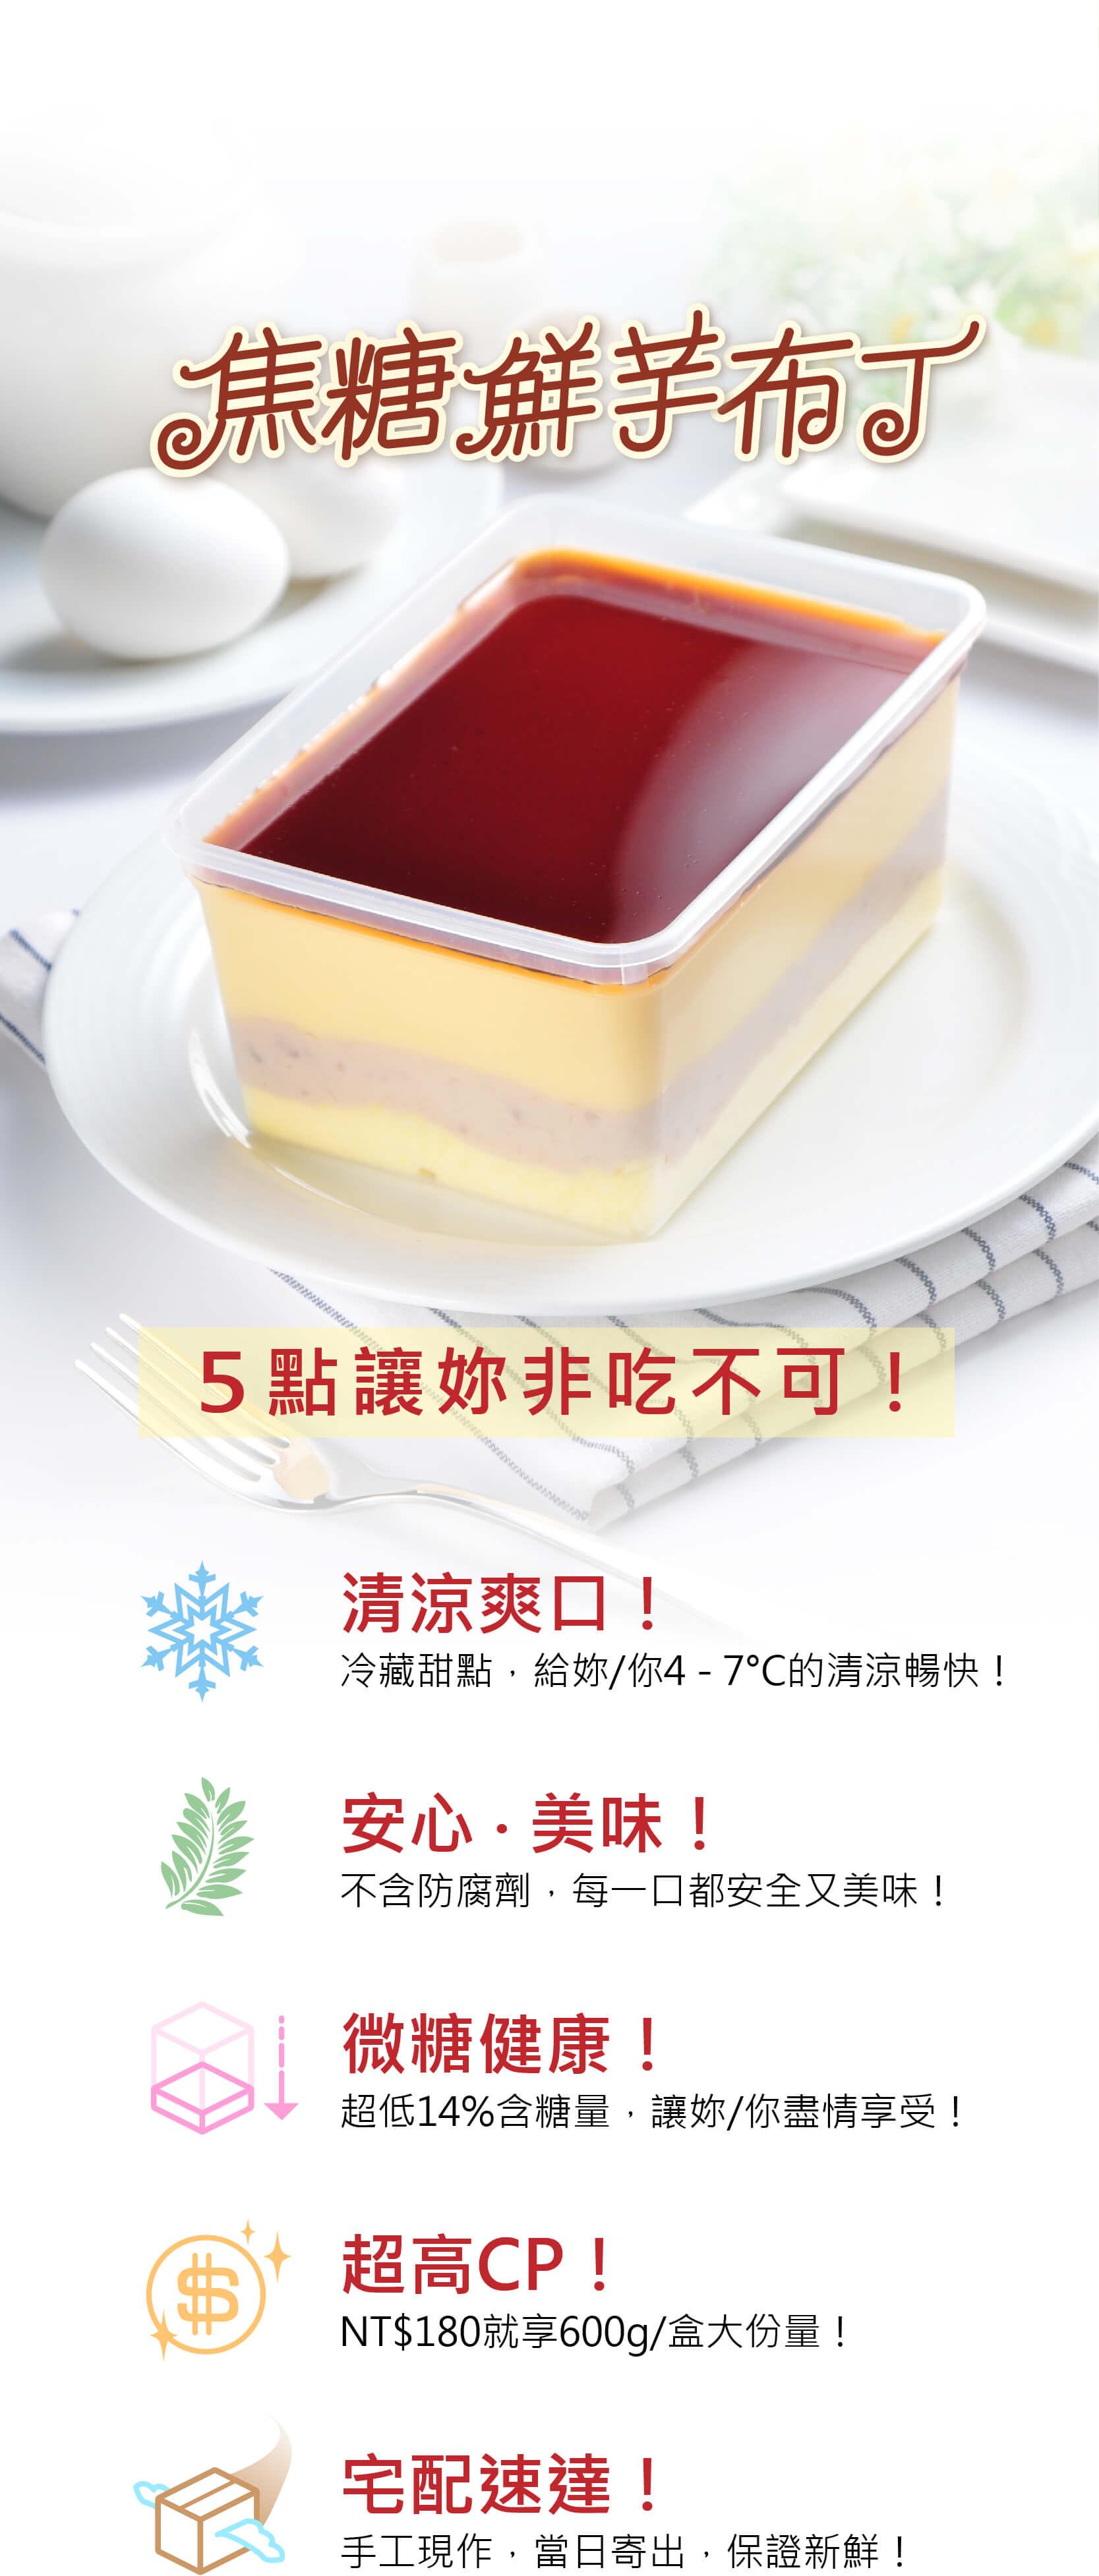 蘭田穀王烘焙坊焦糖鮮芋布丁5大非吃不可的理由